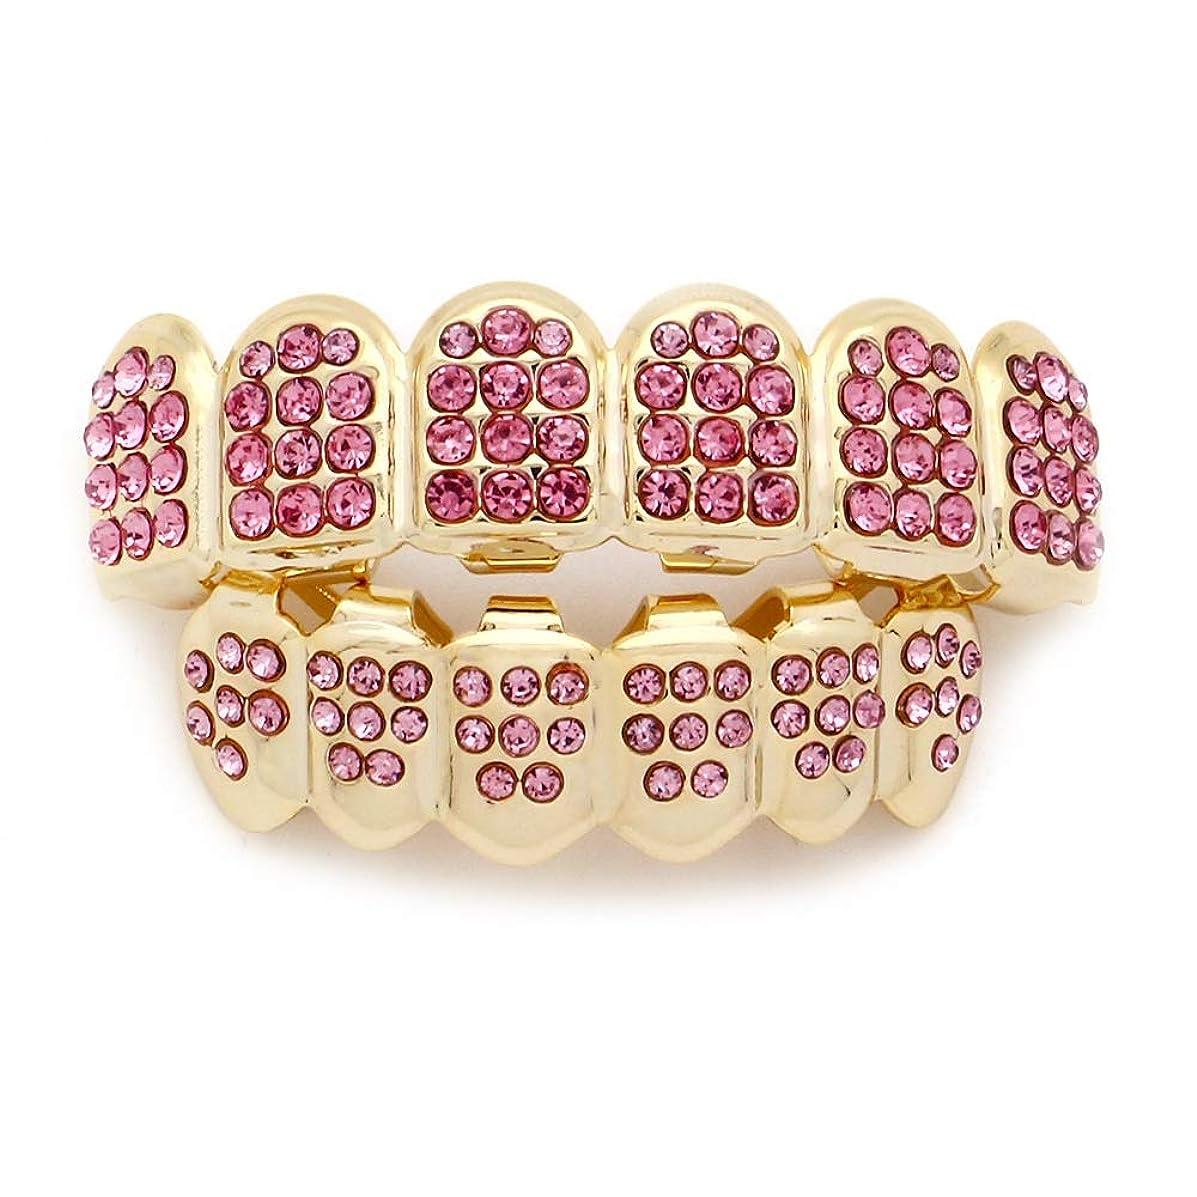 視聴者ストロークで出来ているダイヤモンドゴールドプレートHIPHOPティースキャップ、ヨーロッパ系アメリカ人INS最もホットなゴールド&ブラック&シルバー歯ブレース口の歯 (Color : Pink)